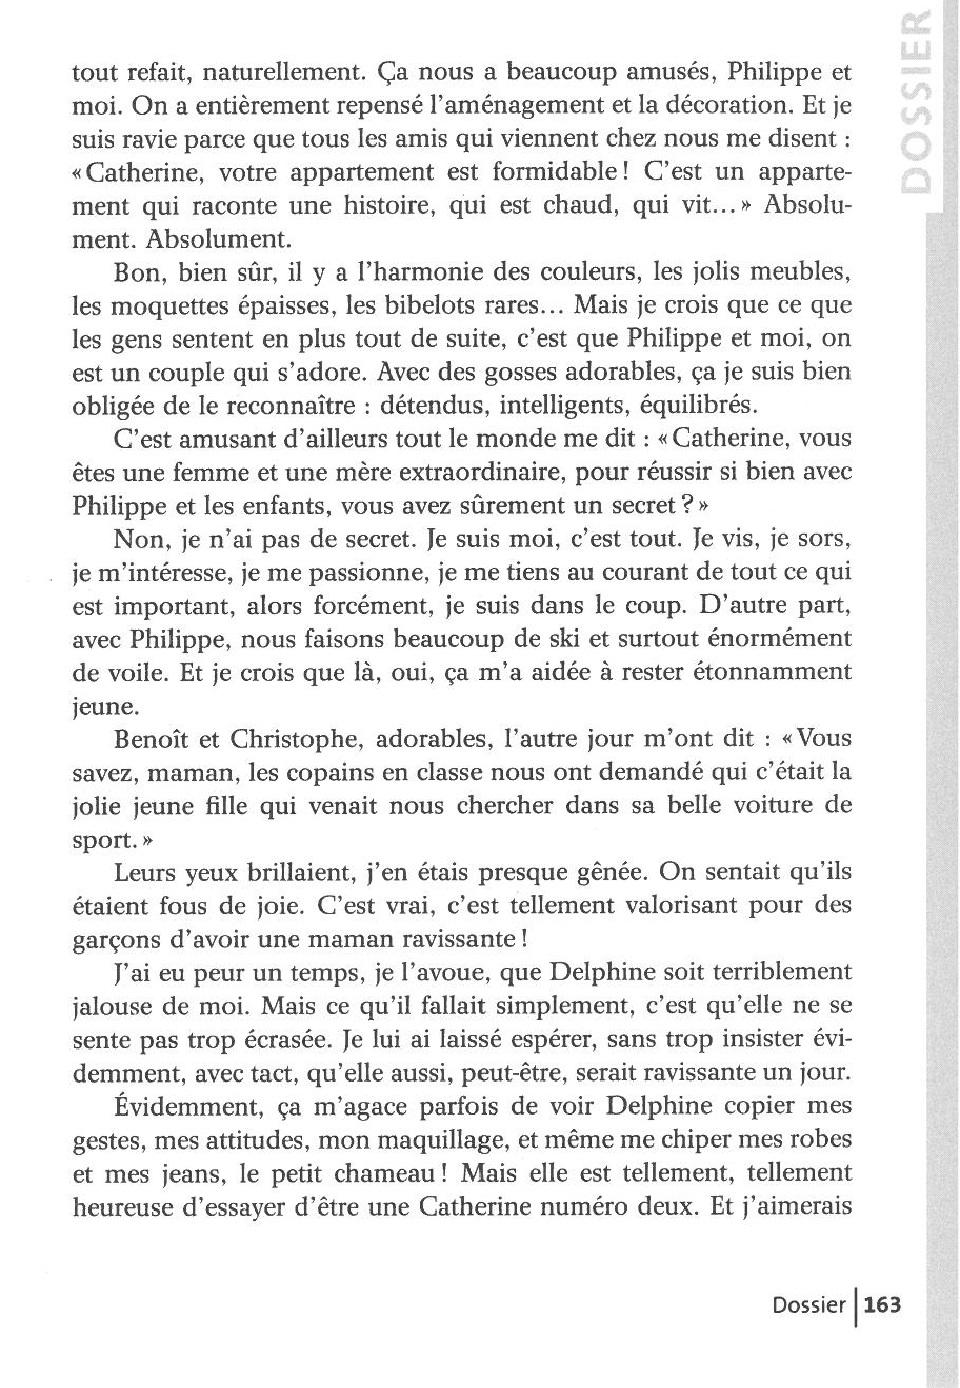 Etonnants classiques huit femmes page 163 copie